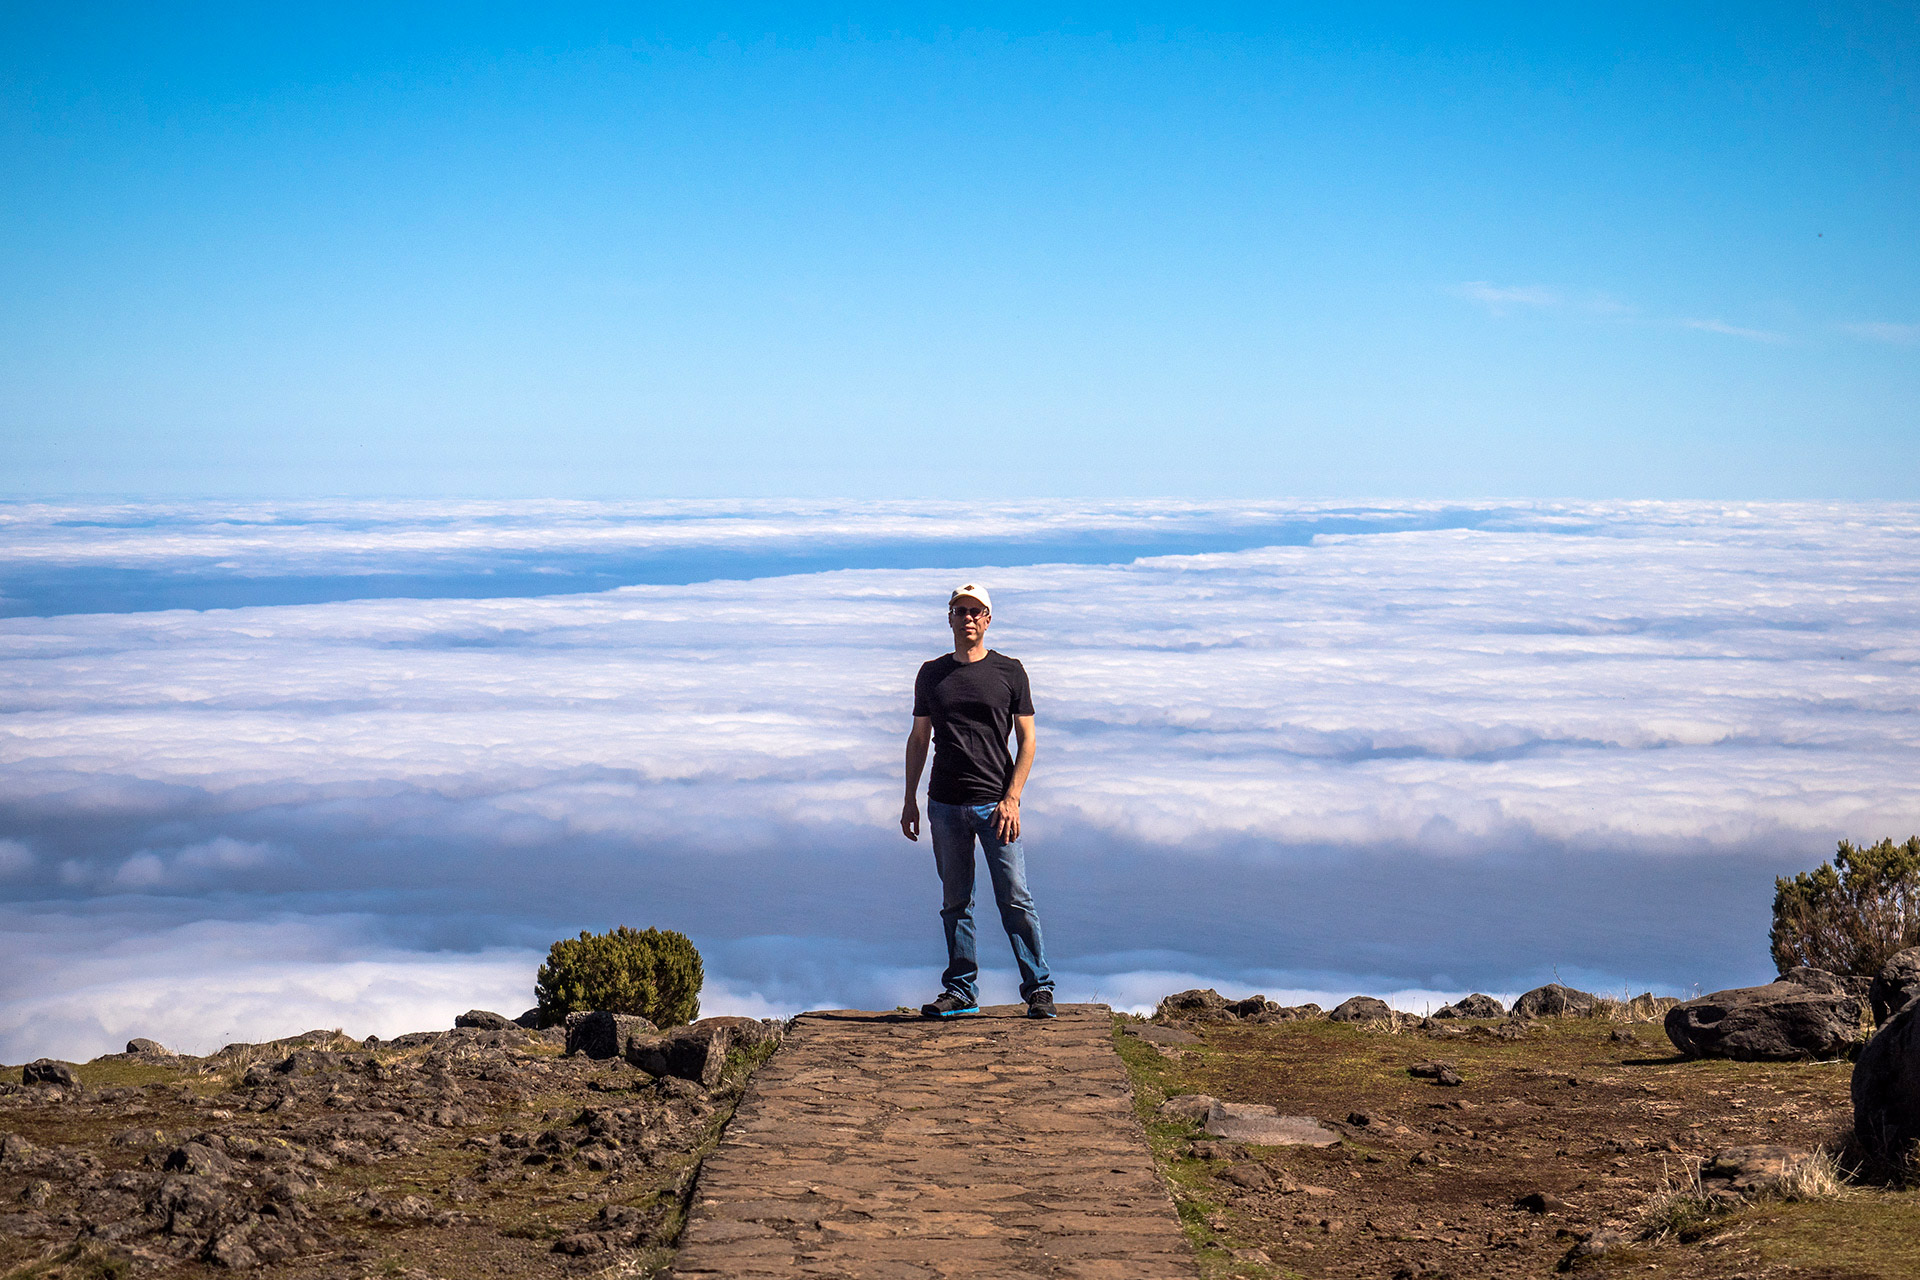 מעל העננים בהר הגבוה באי (צילום: ליאור קורן)